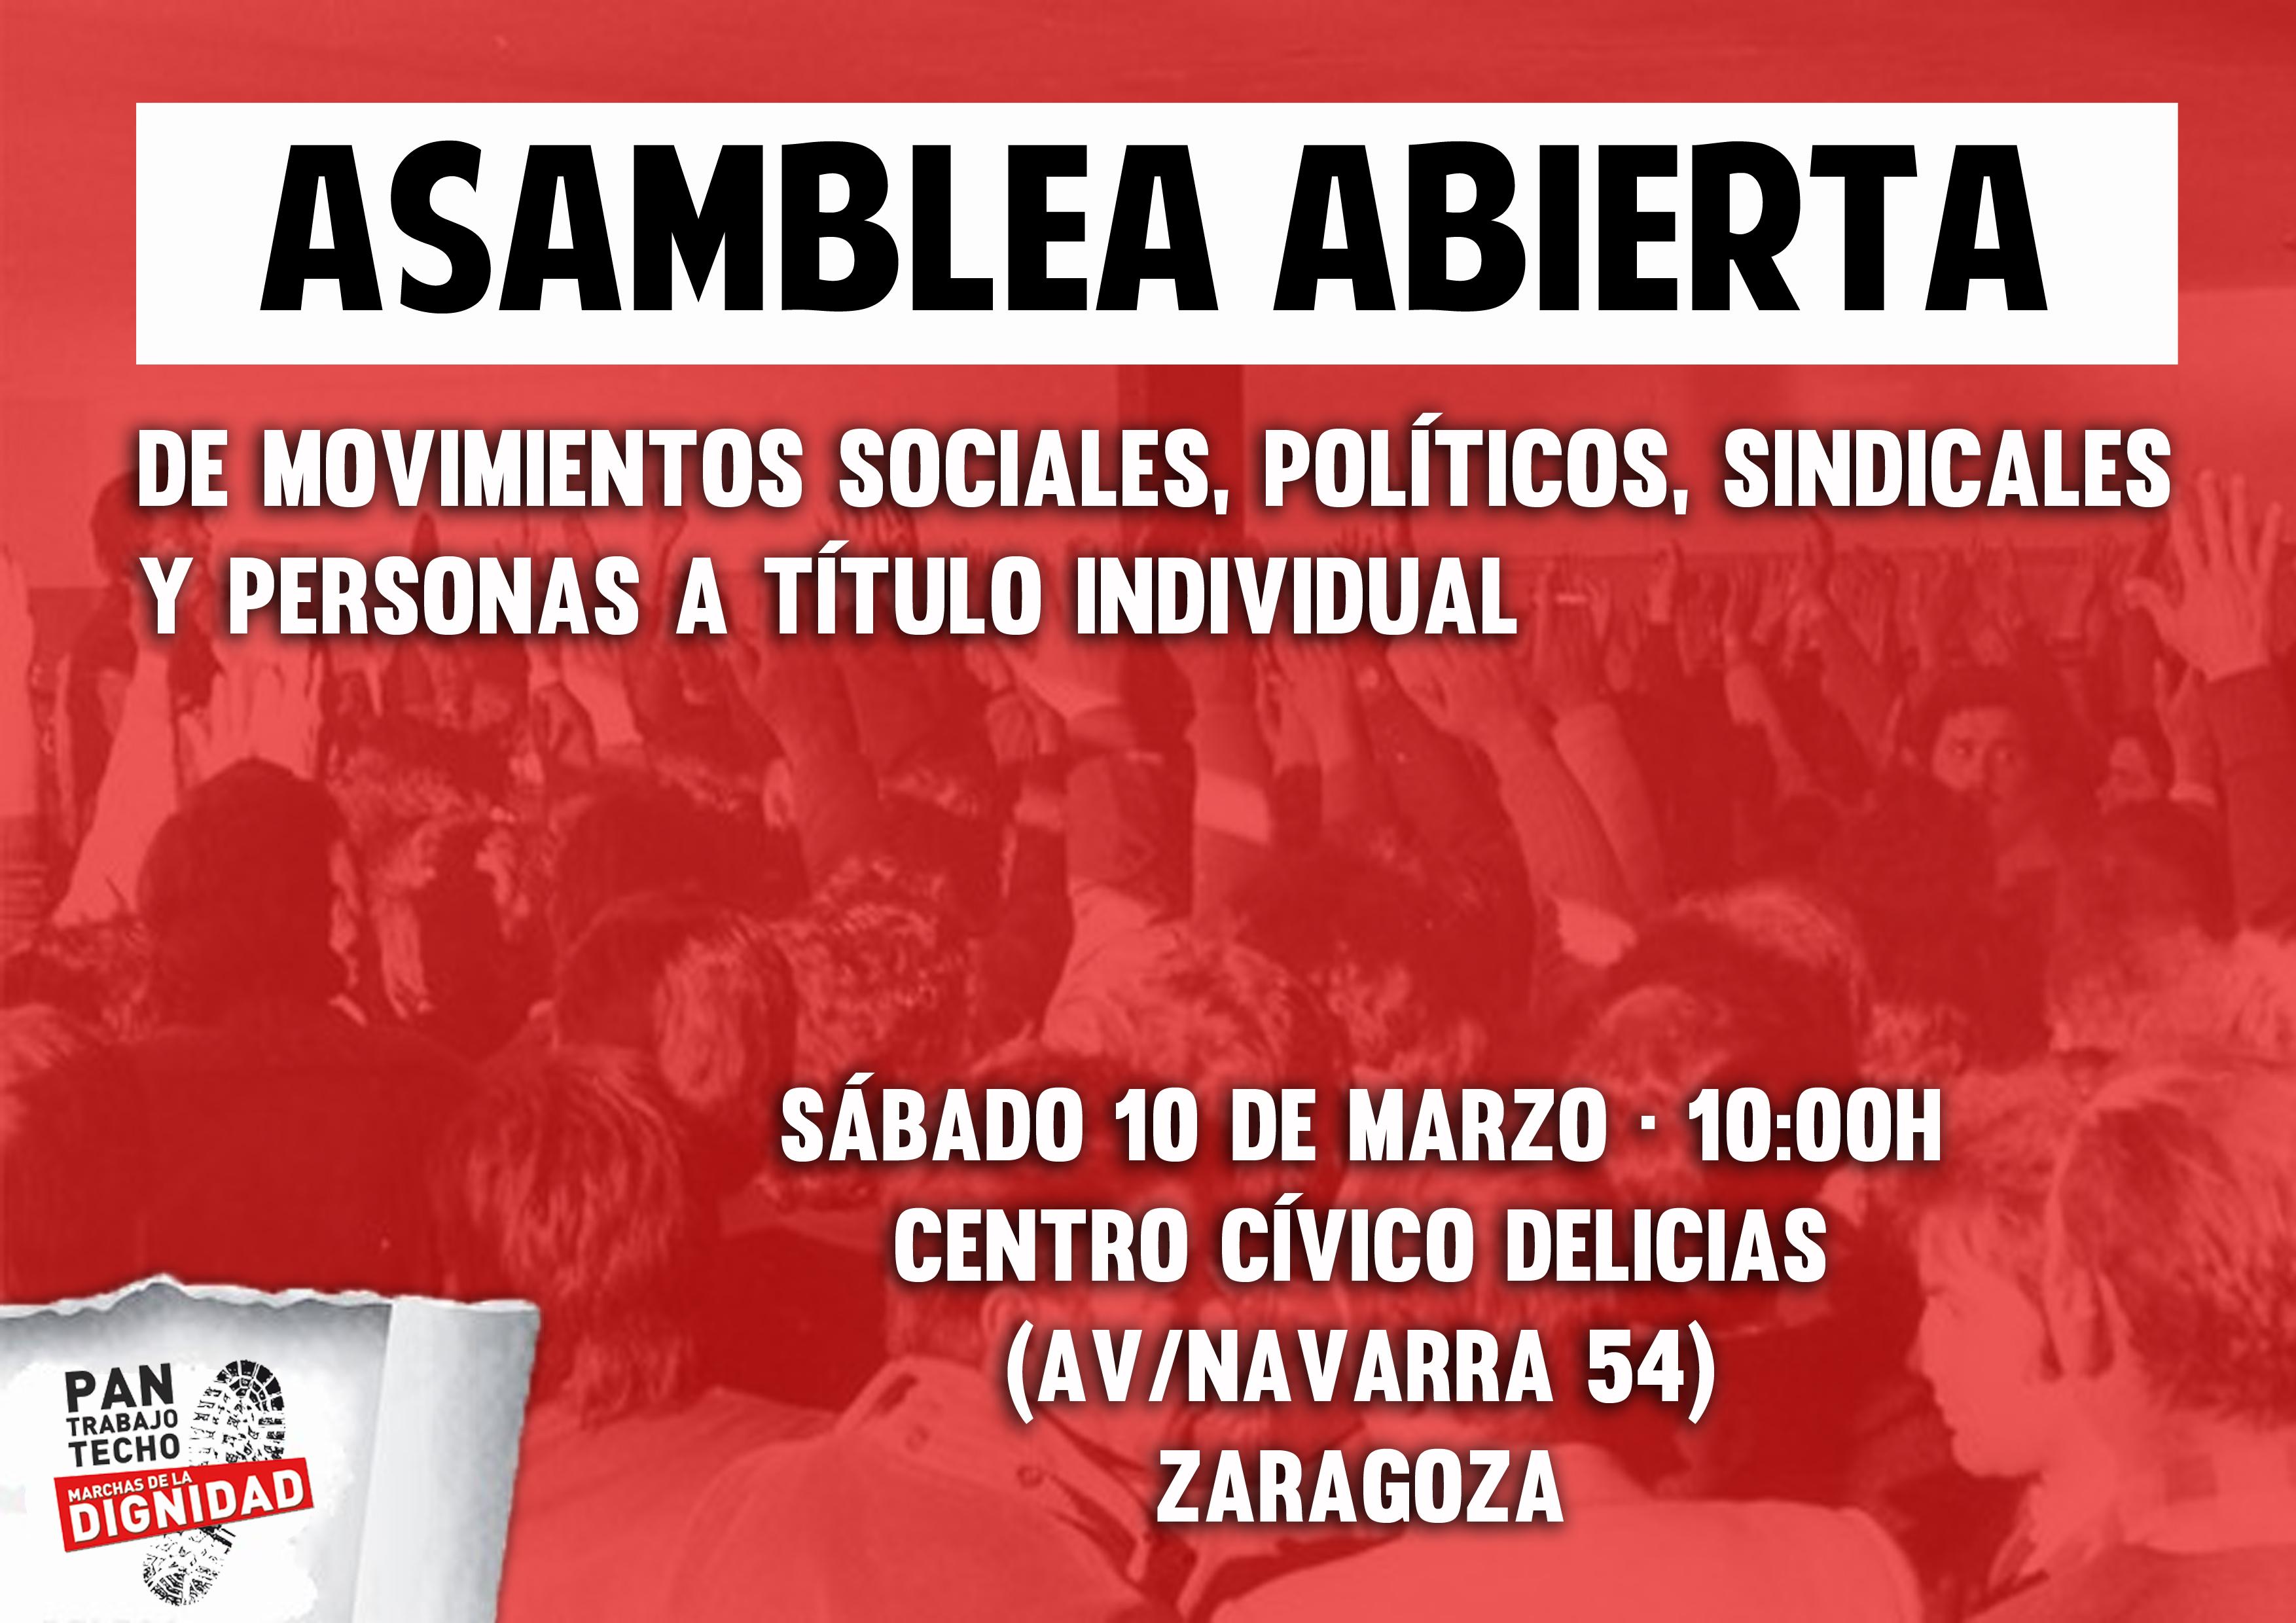 (Marchas Aragón).¡BASTA YA! Unifiquemos las luchas para conquistar  plenos derechos sociales y laborales. Asamblea Abierta 10 de Marzo enZaragoza